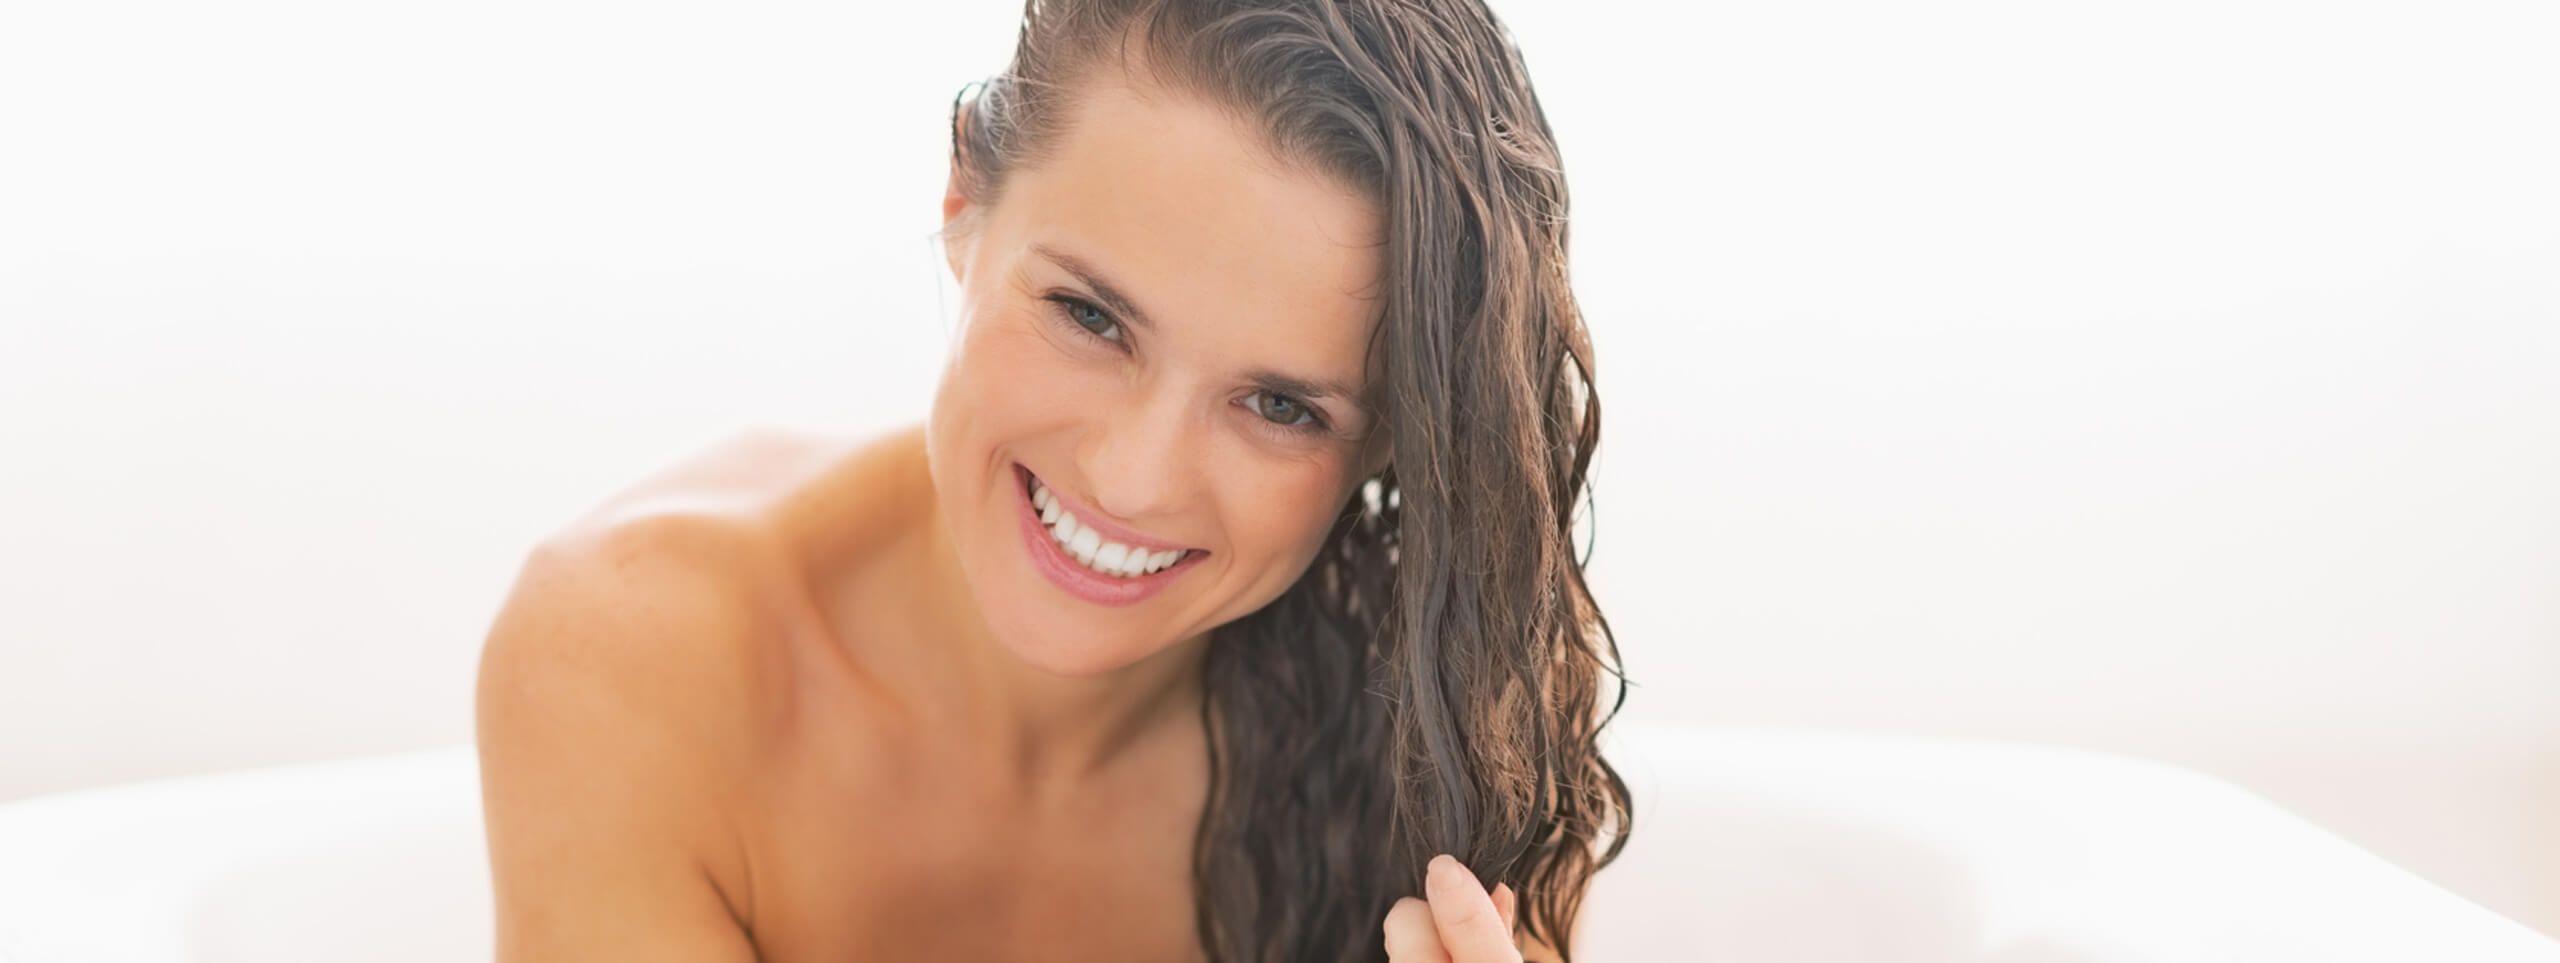 Kobieta nakładająca maskę do włosów